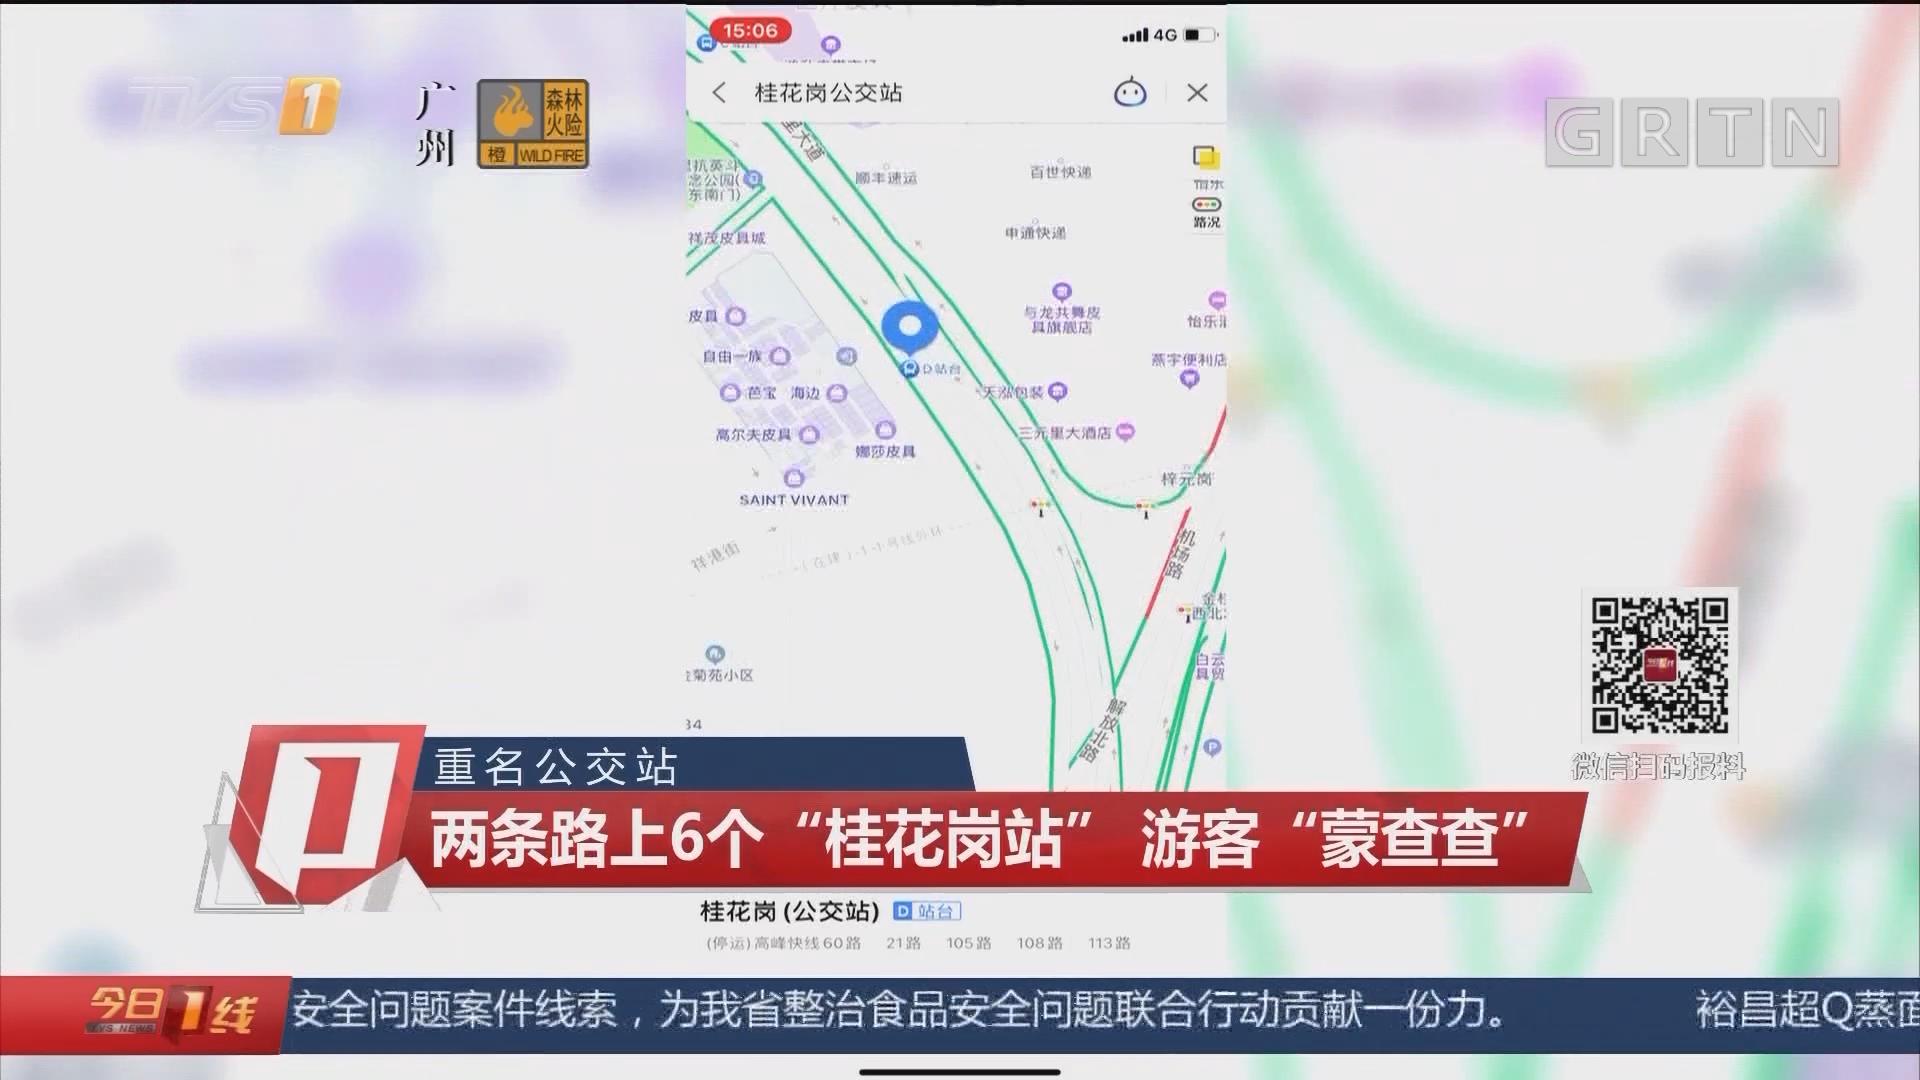 """重名公交站:两条路上6个""""桂花岗站"""" 游客""""蒙查查"""""""